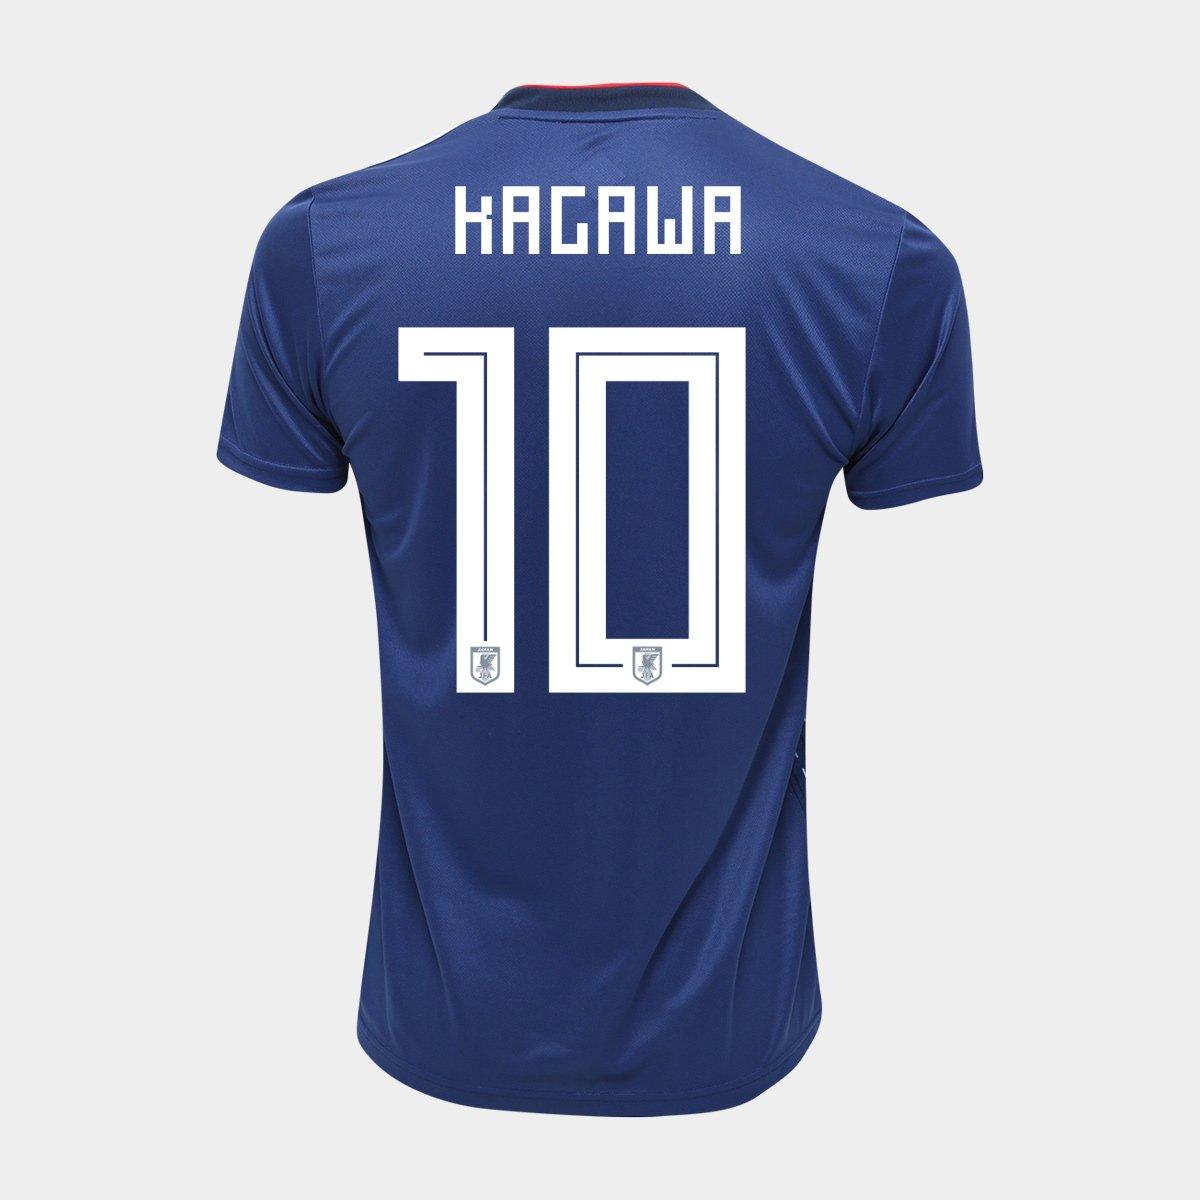 1e572f0b2803c Camisa Seleção Japão Home 2018 n° 10 Kagawa - Torcedor Adidas Masculina -  Compre Agora